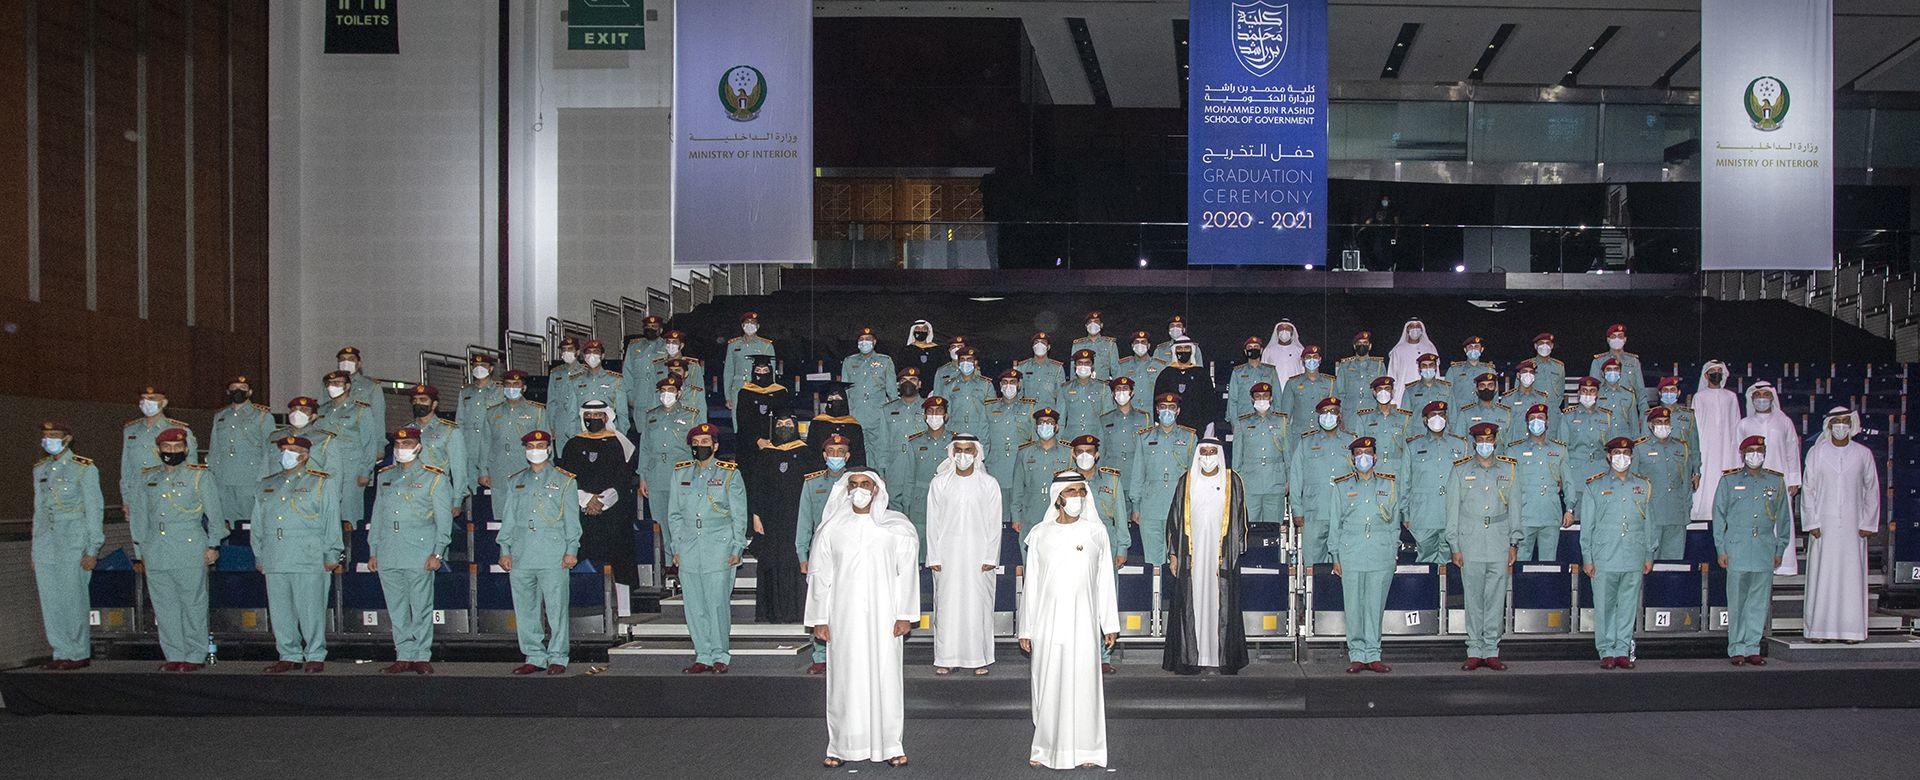 حفل تخريج كلية محمد بن راشد للإدارة الحكومية 2020-2021